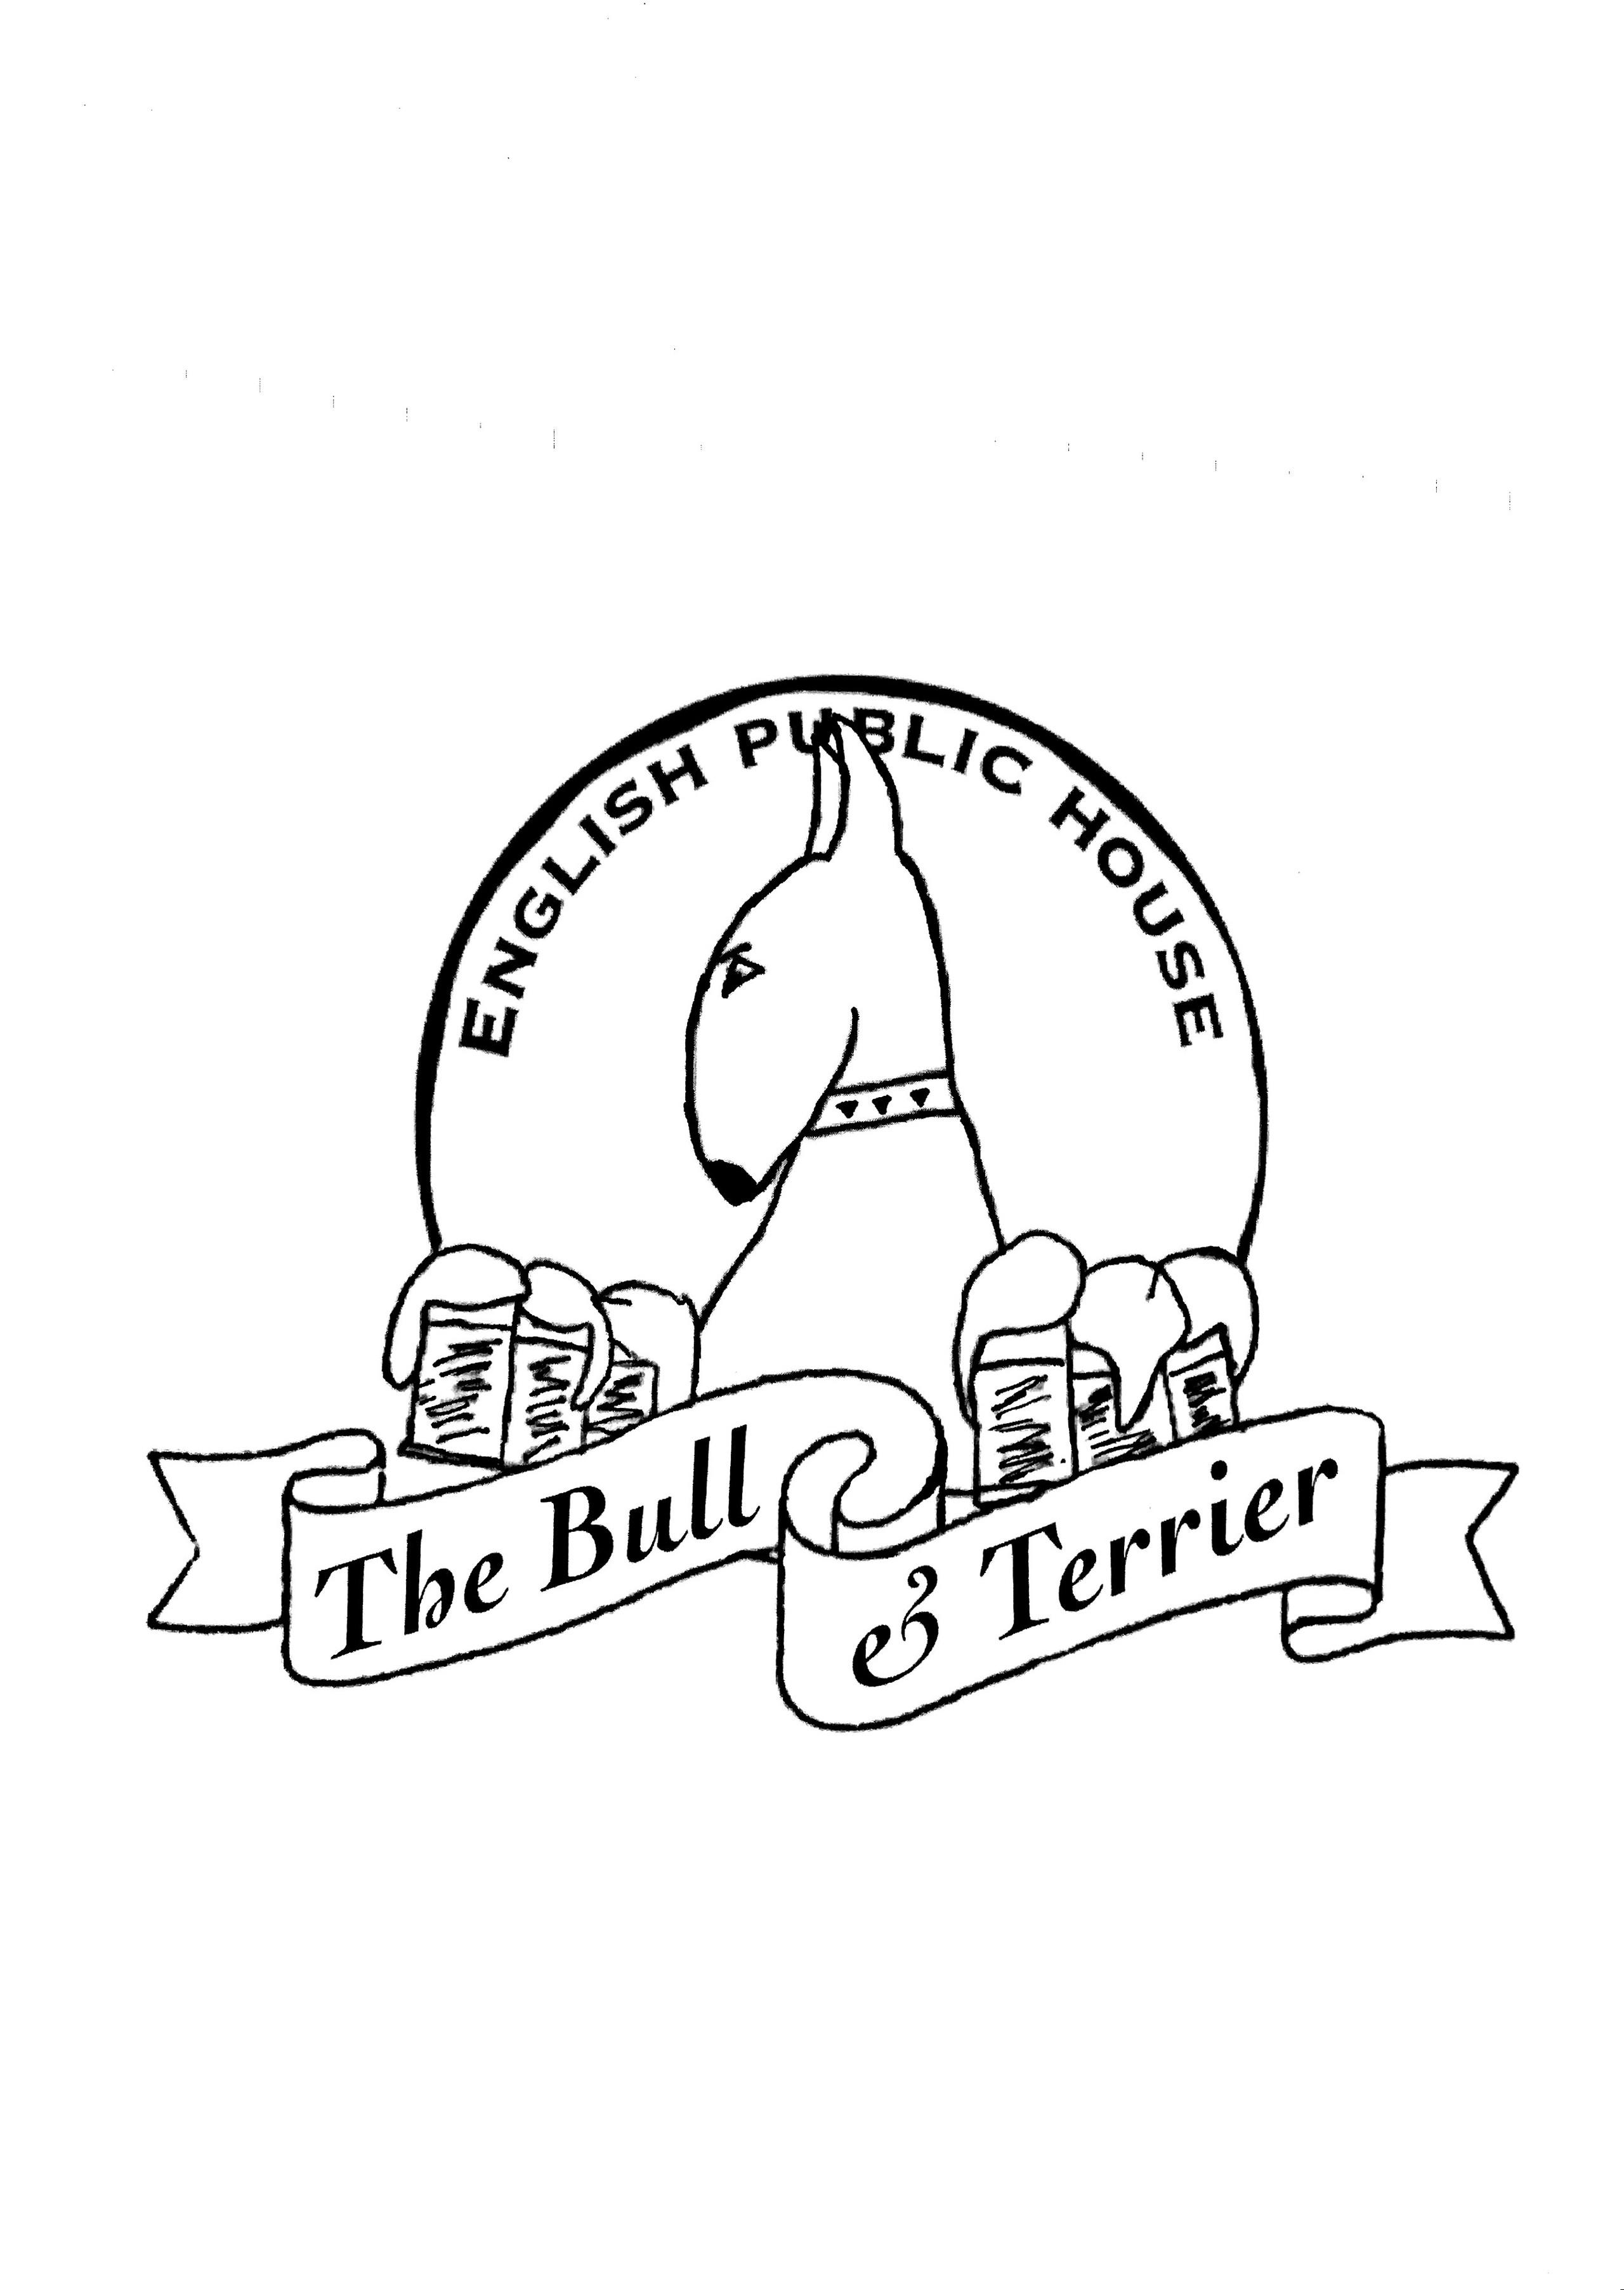 The Bull & Terrier